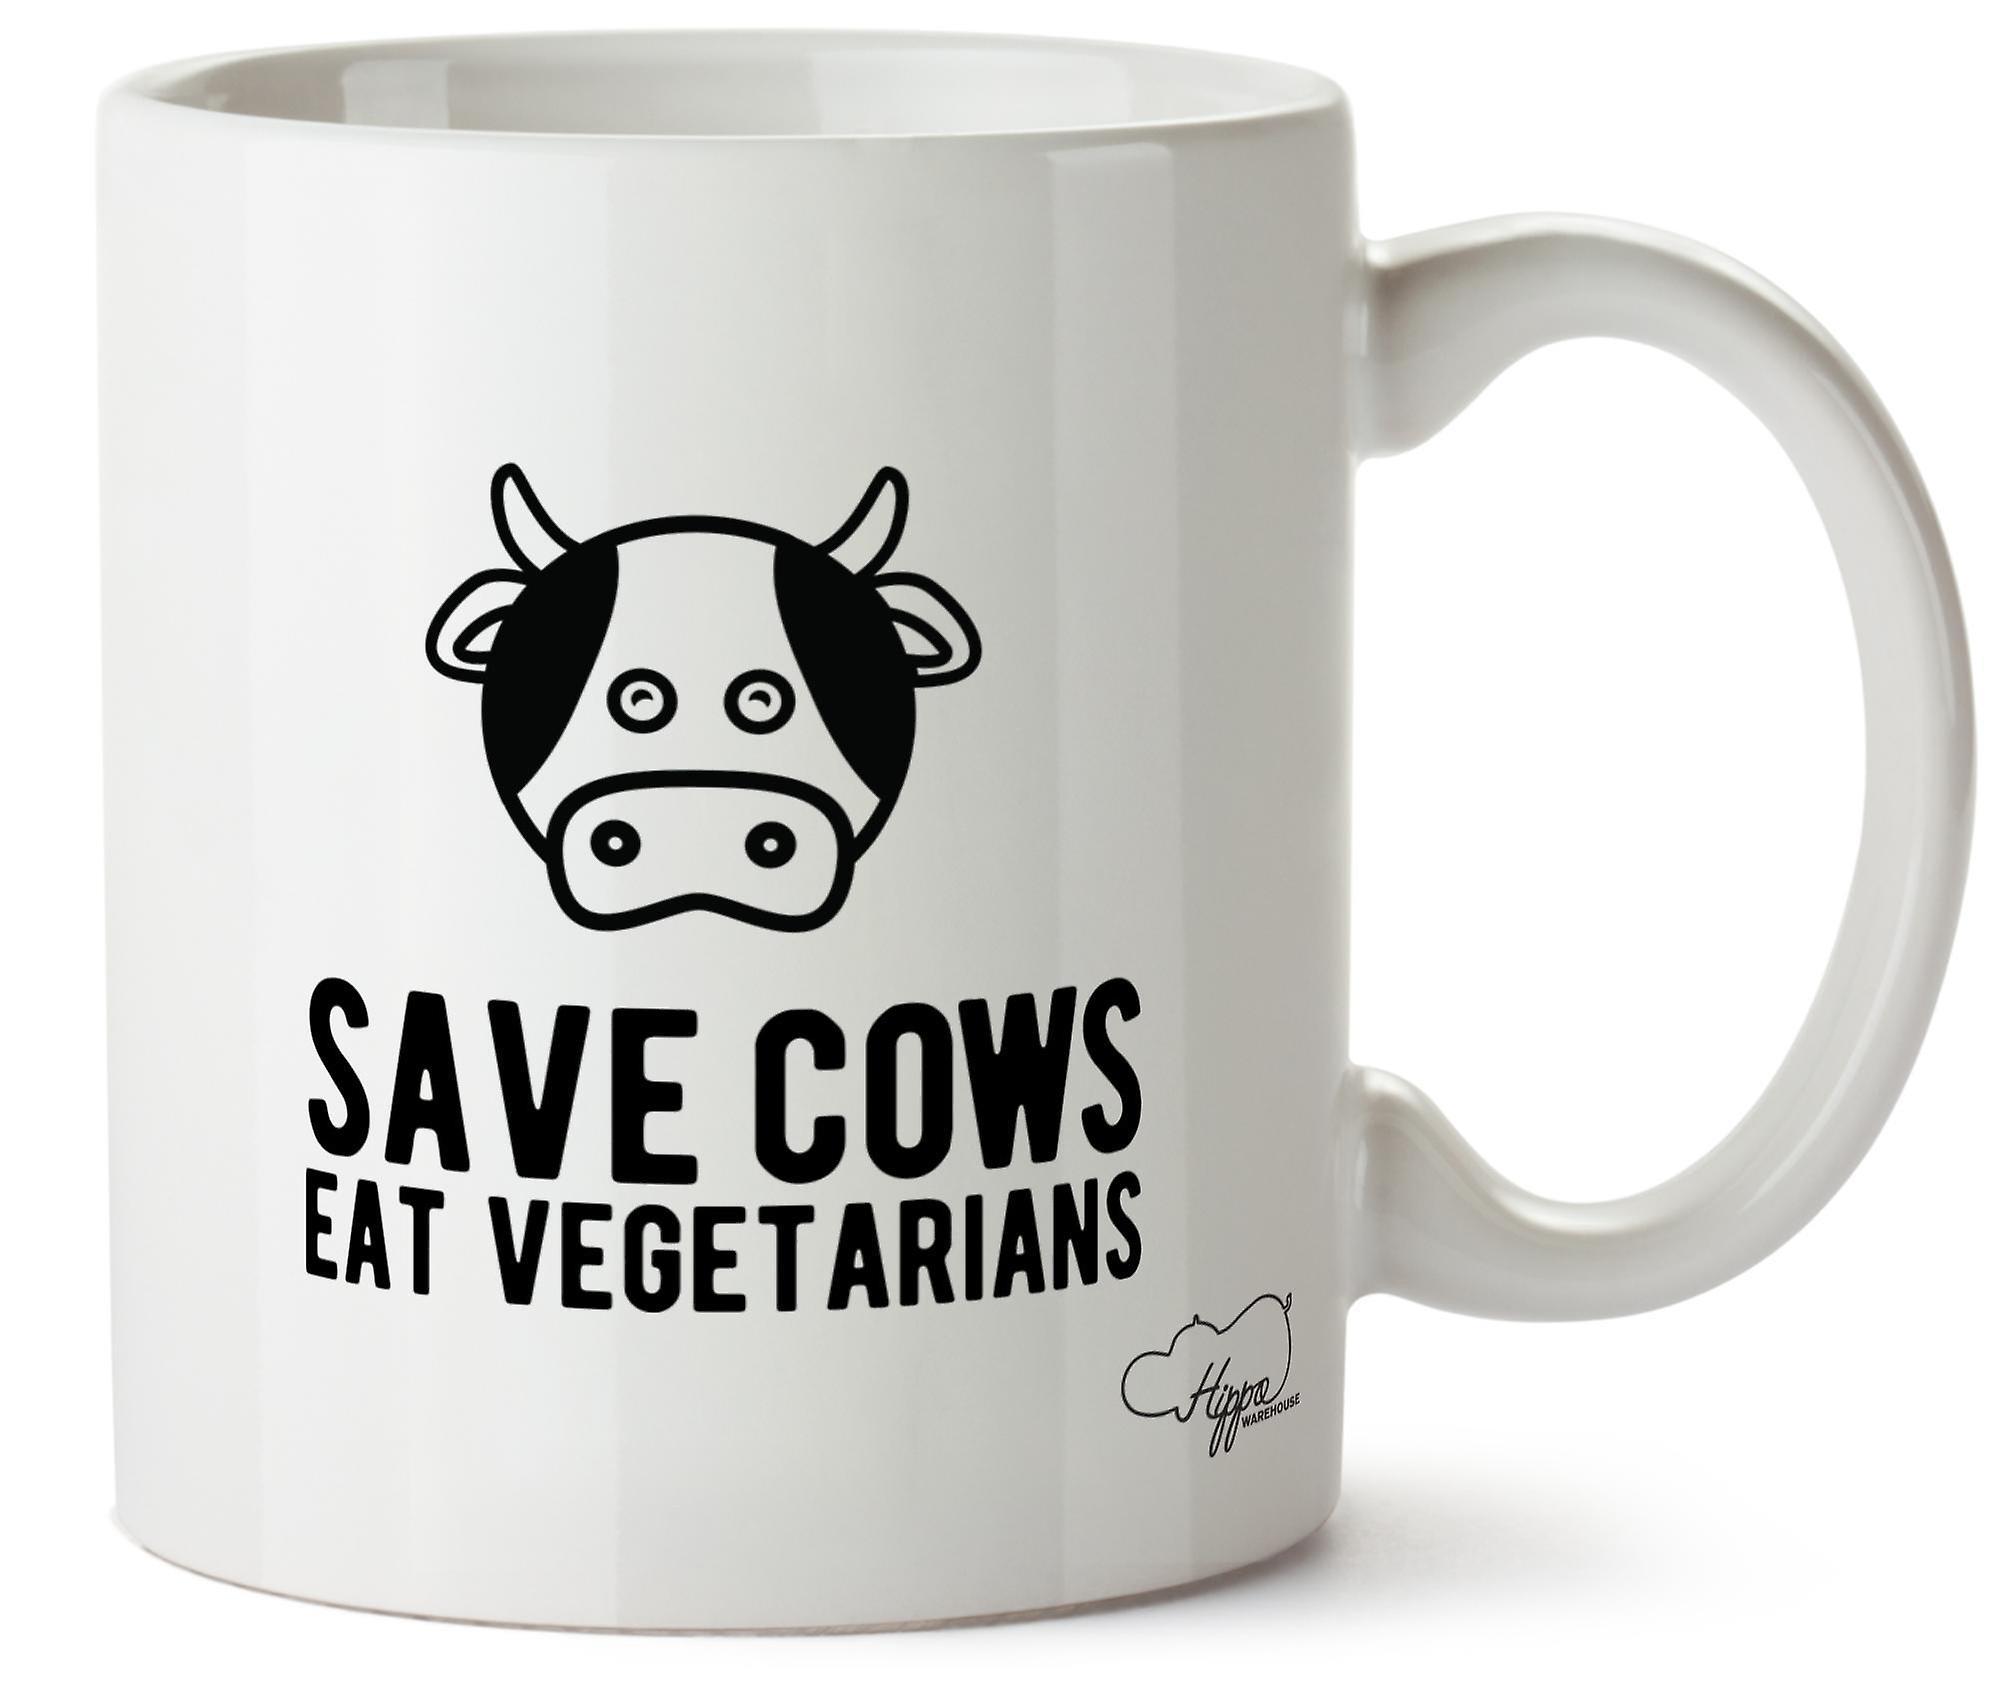 Manger 5 Vaches Mug TasseCéramiqueBlancUnique Save Taille10oz Grammes Notamment 283 Hippowarehouse LpqzGjUVSM